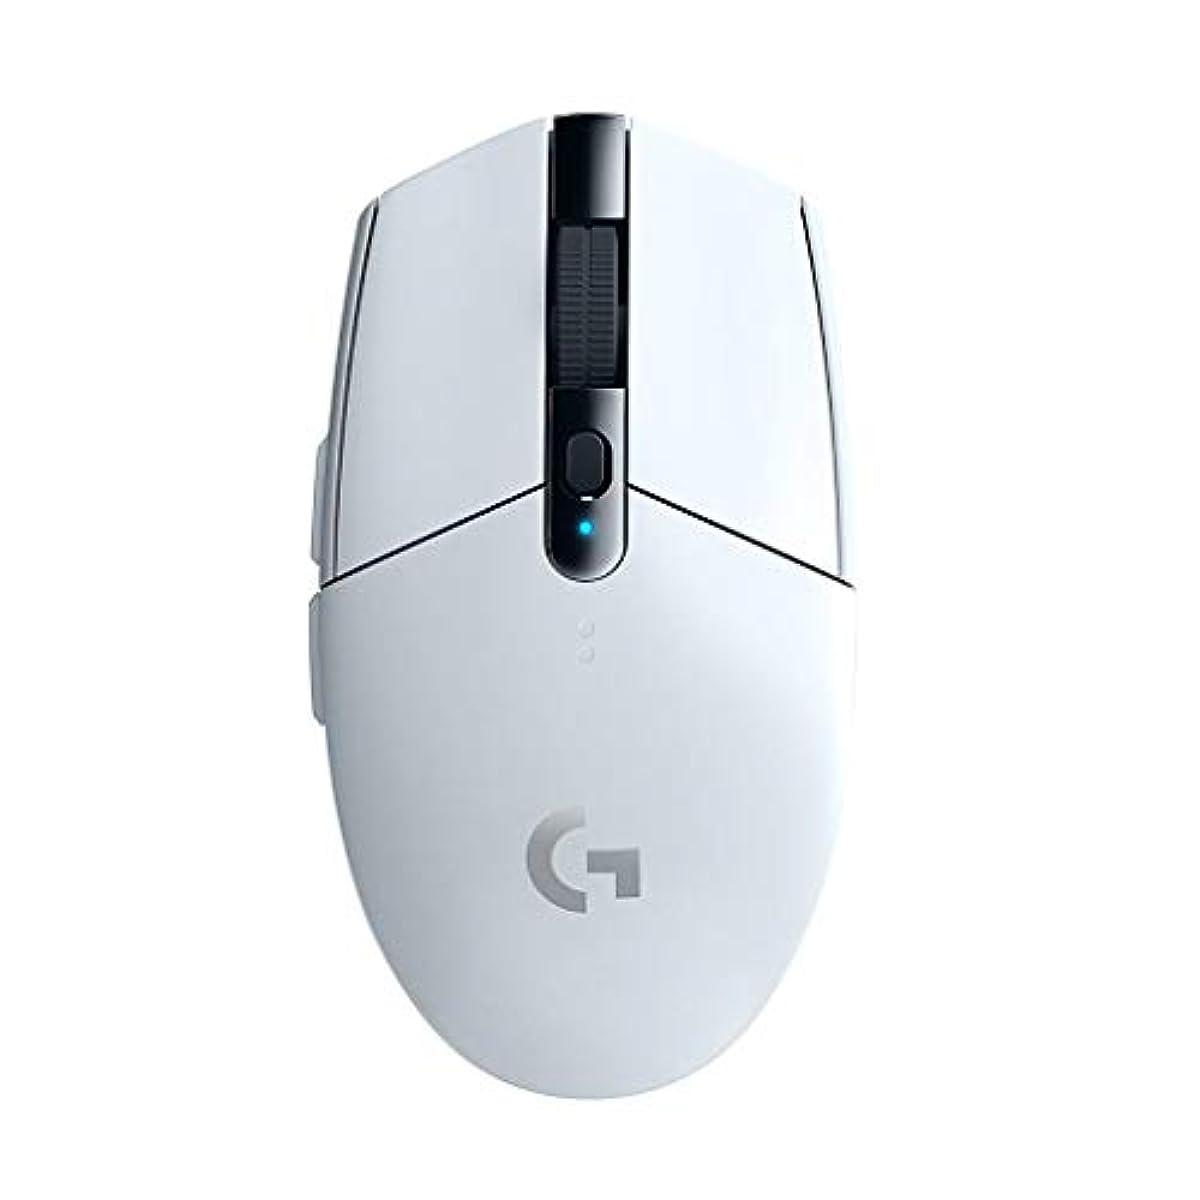 [해외] 로지텍 무선 게이밍 마우스 G304rWH